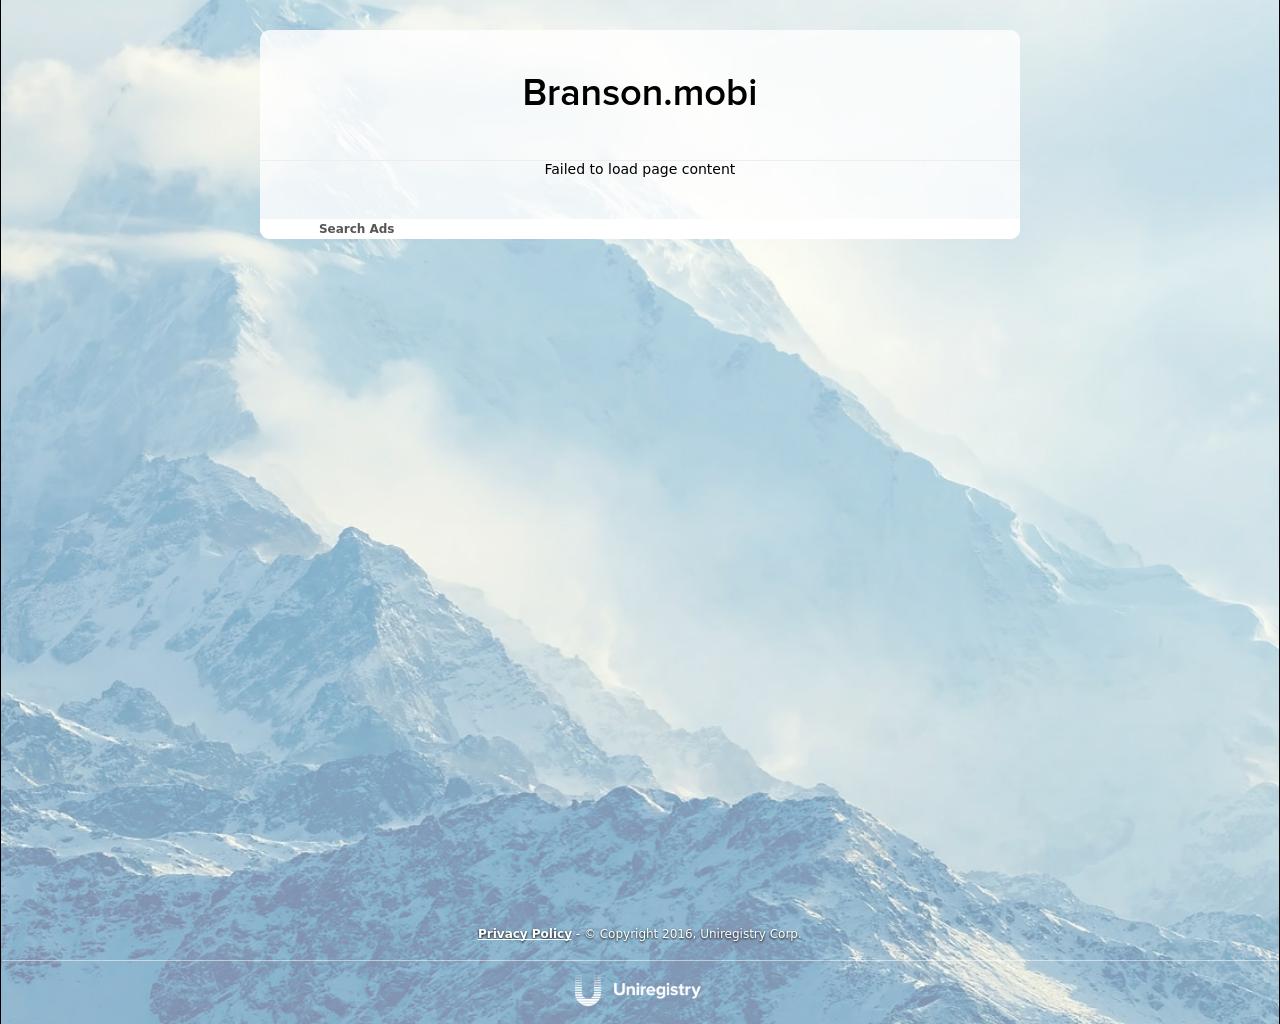 Branson.mobi-Advertising-Reviews-Pricing